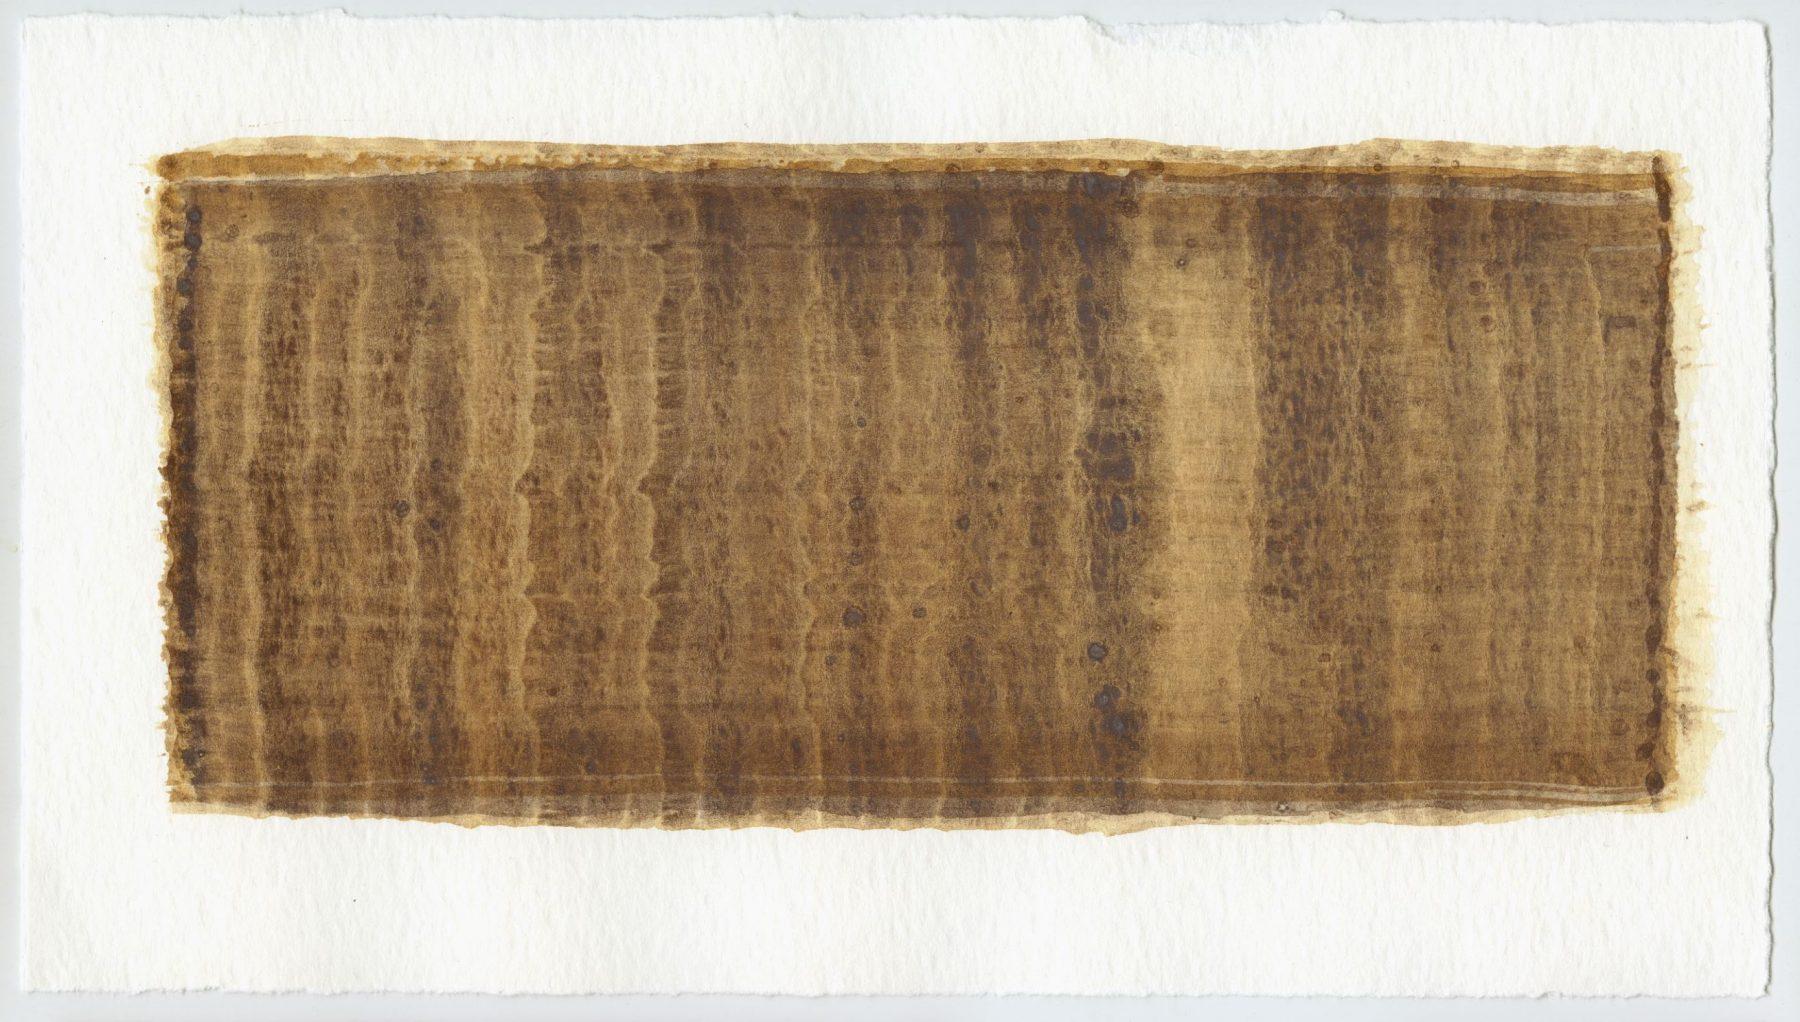 Brush stroke no. 59 - SOLD - Selfmade pigment: Mortelse goudoker, IJzeroer gebrand, Mortel paarsgrijs middel